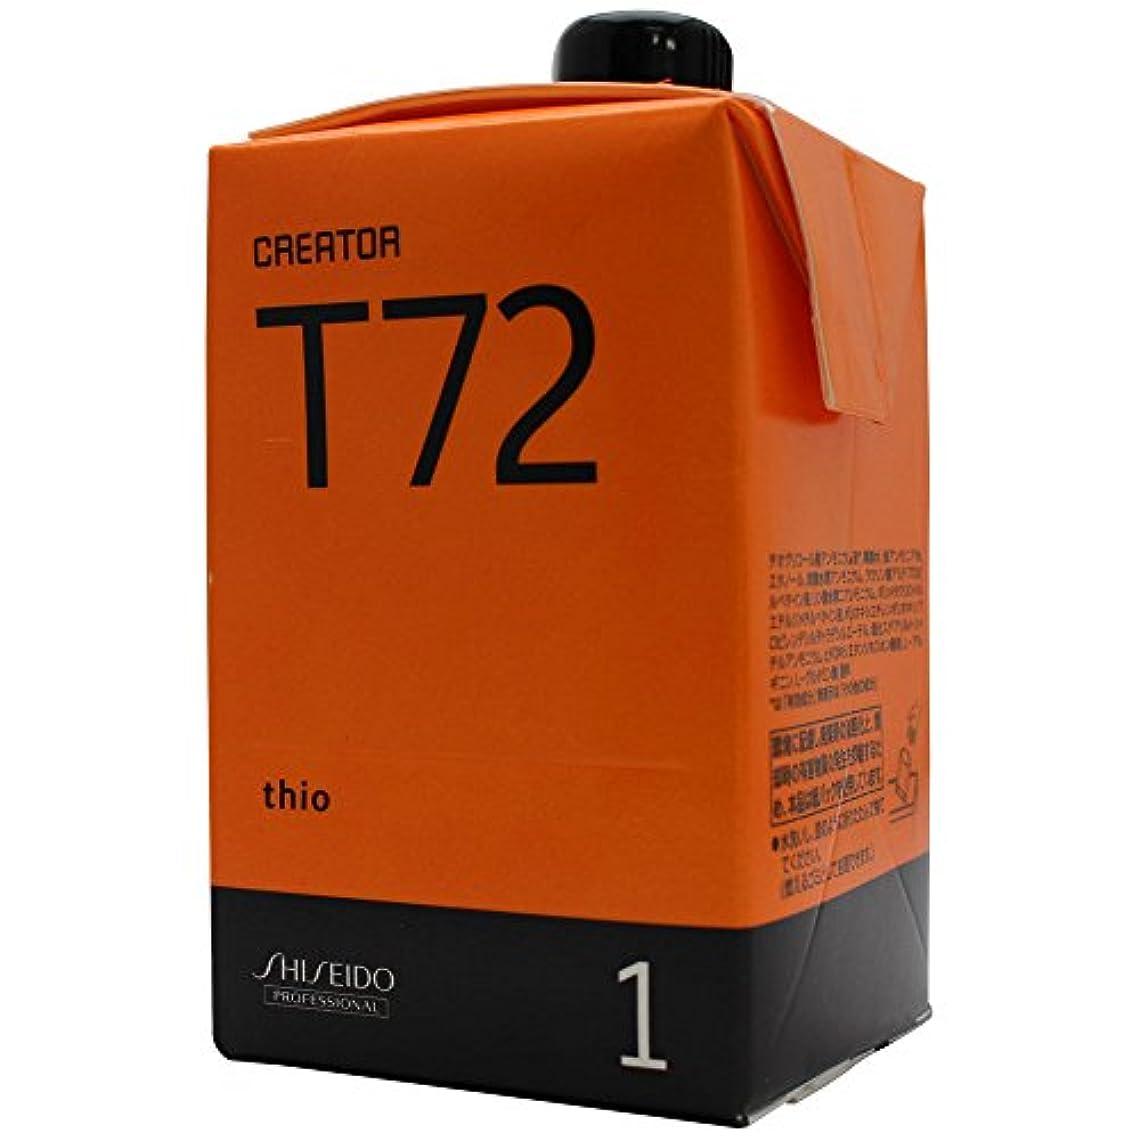 節約するマイクロフォン流星資生堂 クリエイター T72 第1剤 400ml